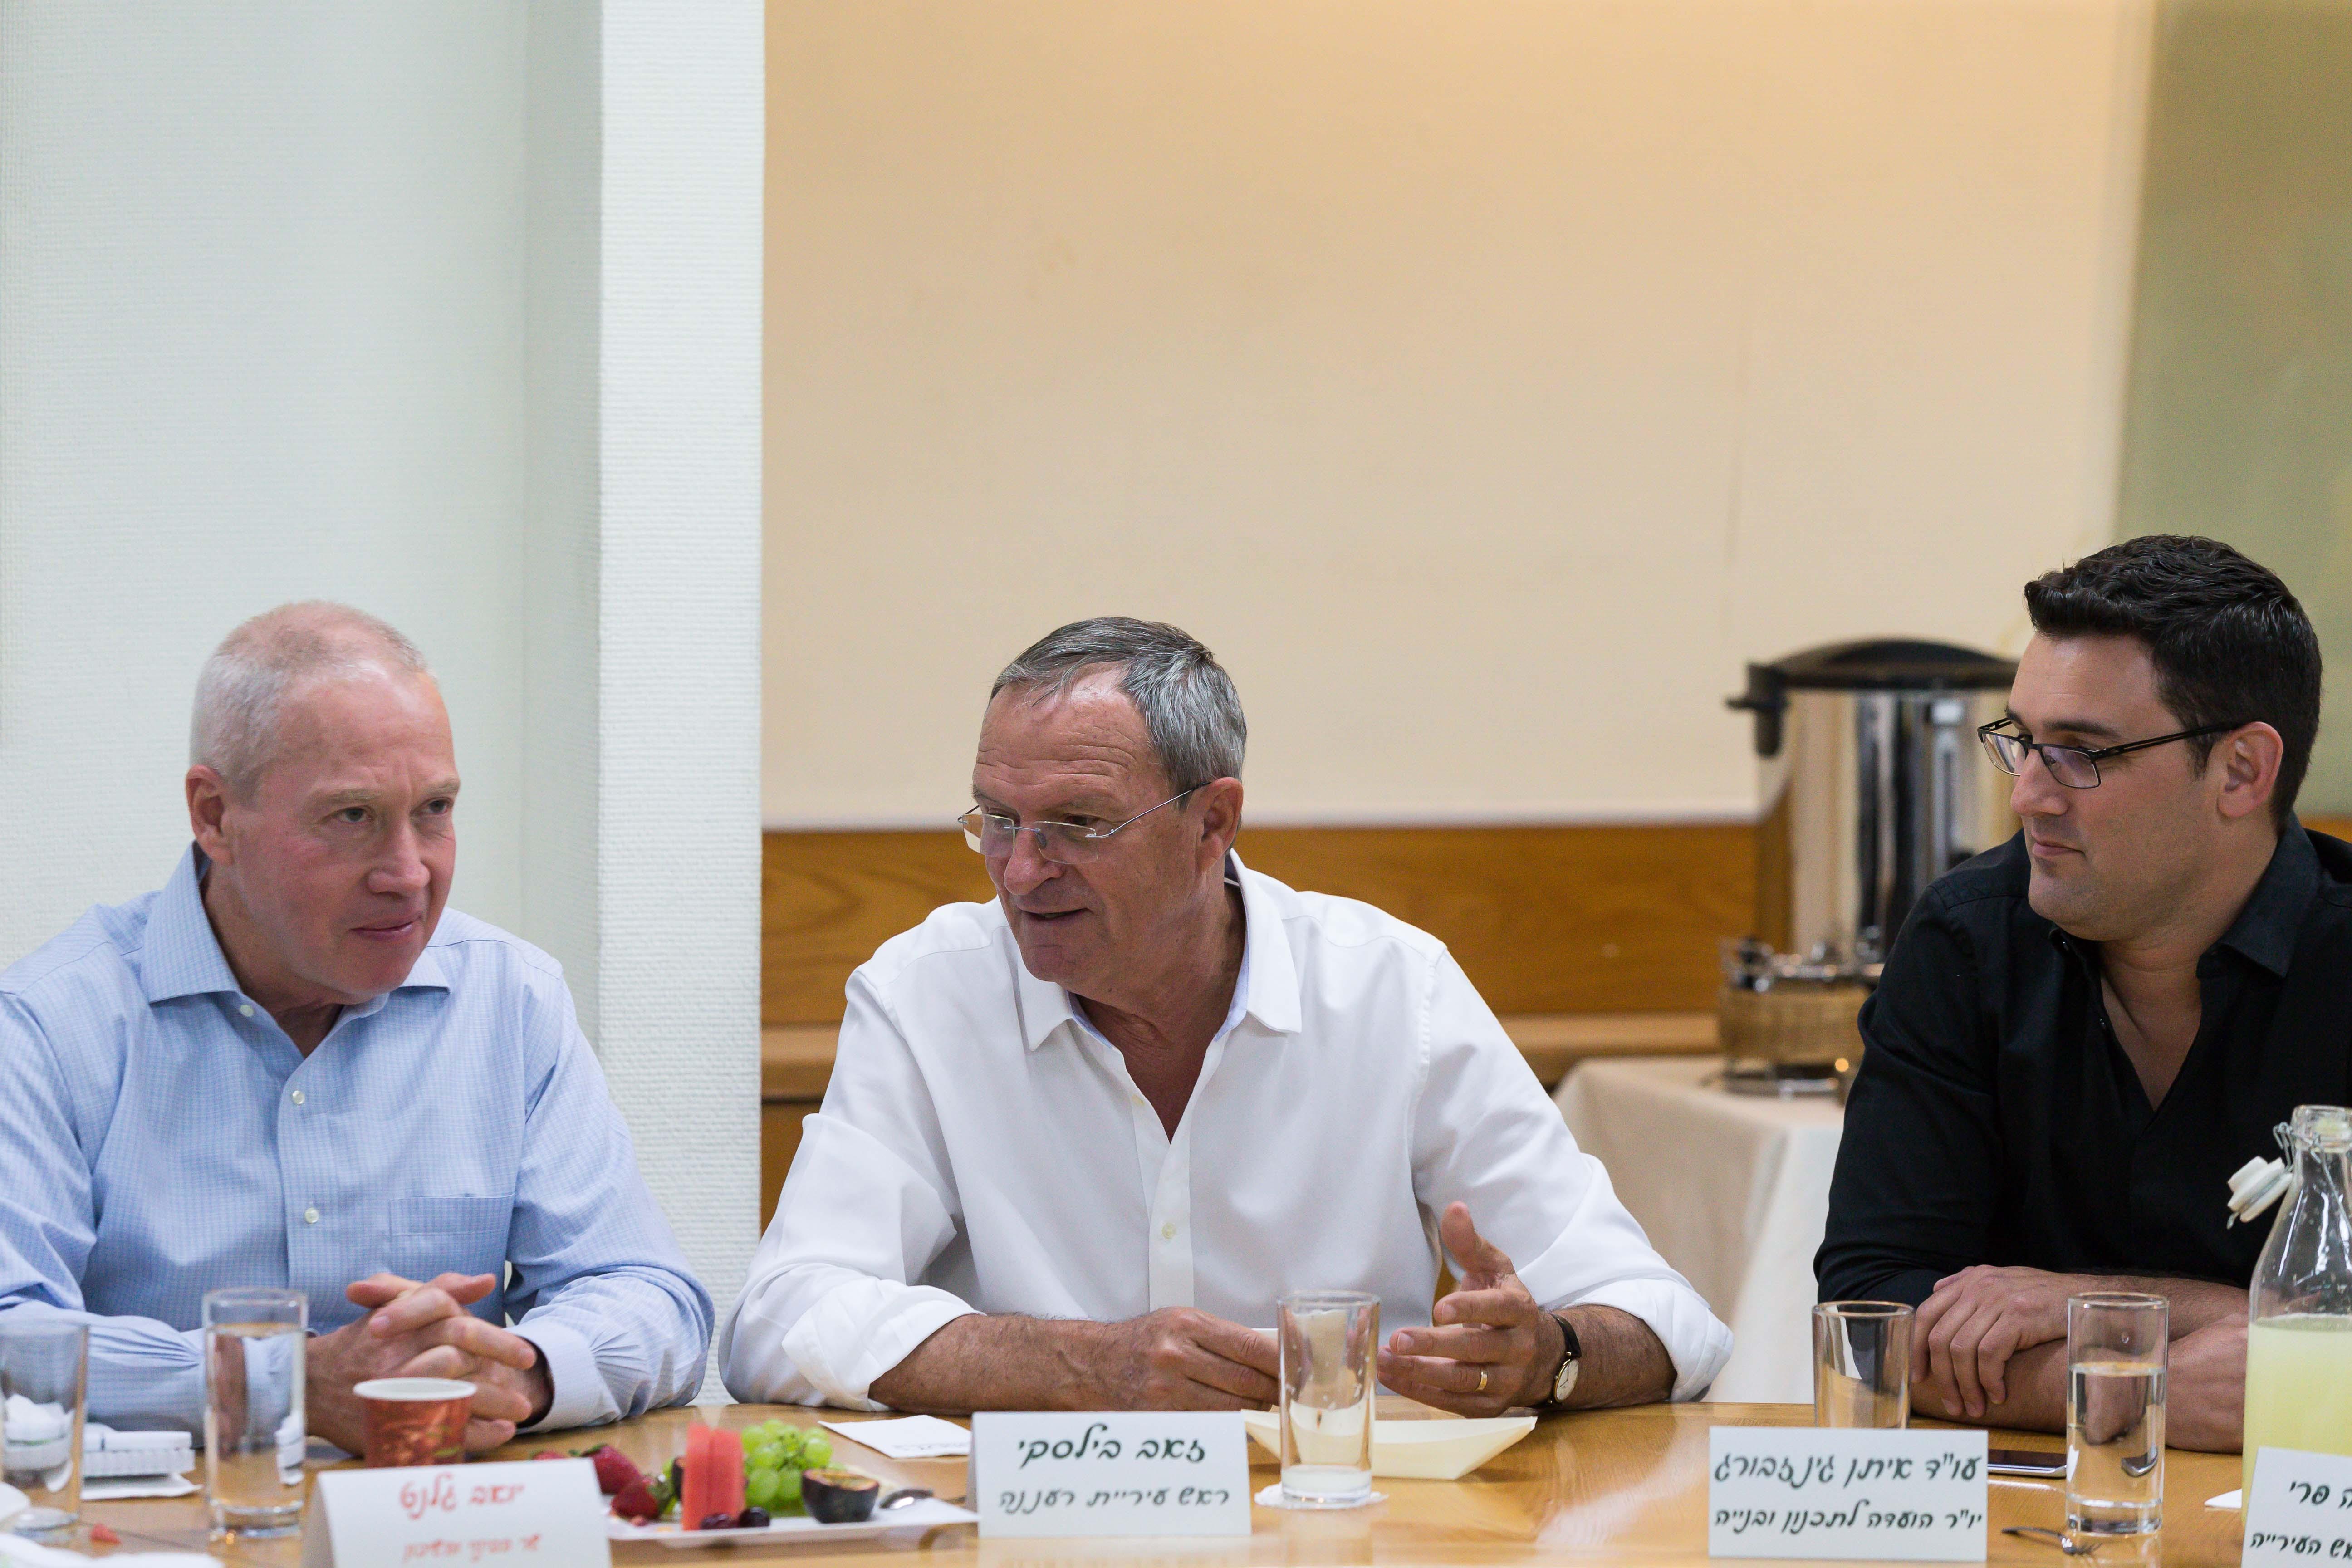 בתמונה: יואב גלנט, איתן גינזבורג וזאב בילסקי